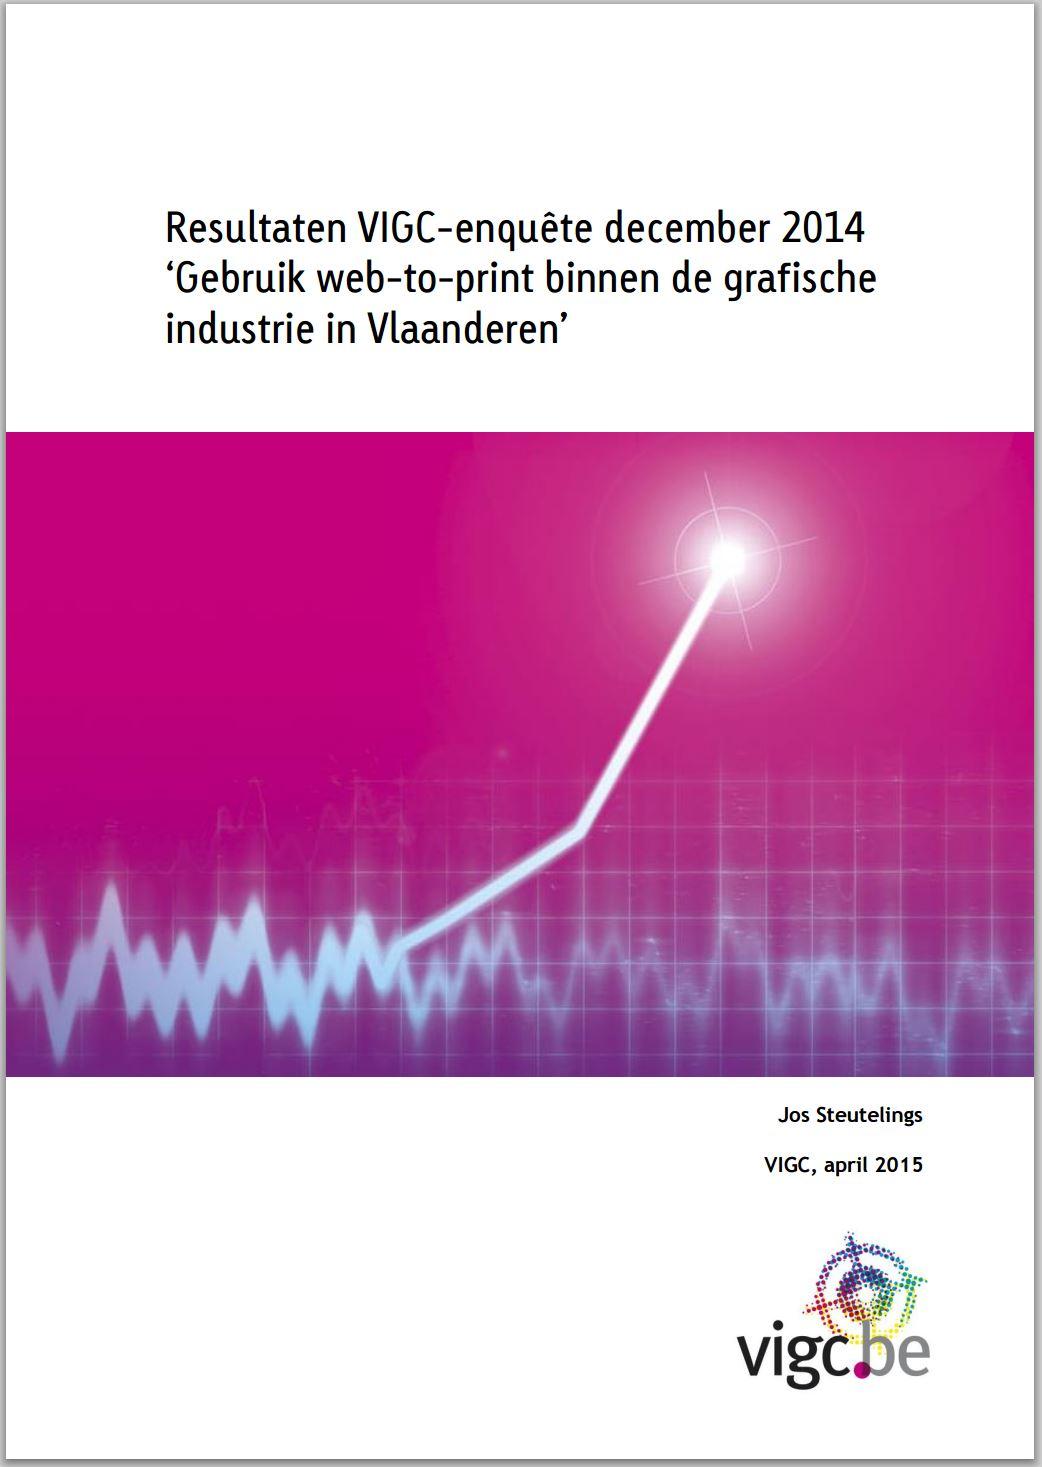 W2P.pro: Resultaten VIGC-enquête december 2014 'Gebruik web-to-print binnen de grafische industrie in Vlaanderen'